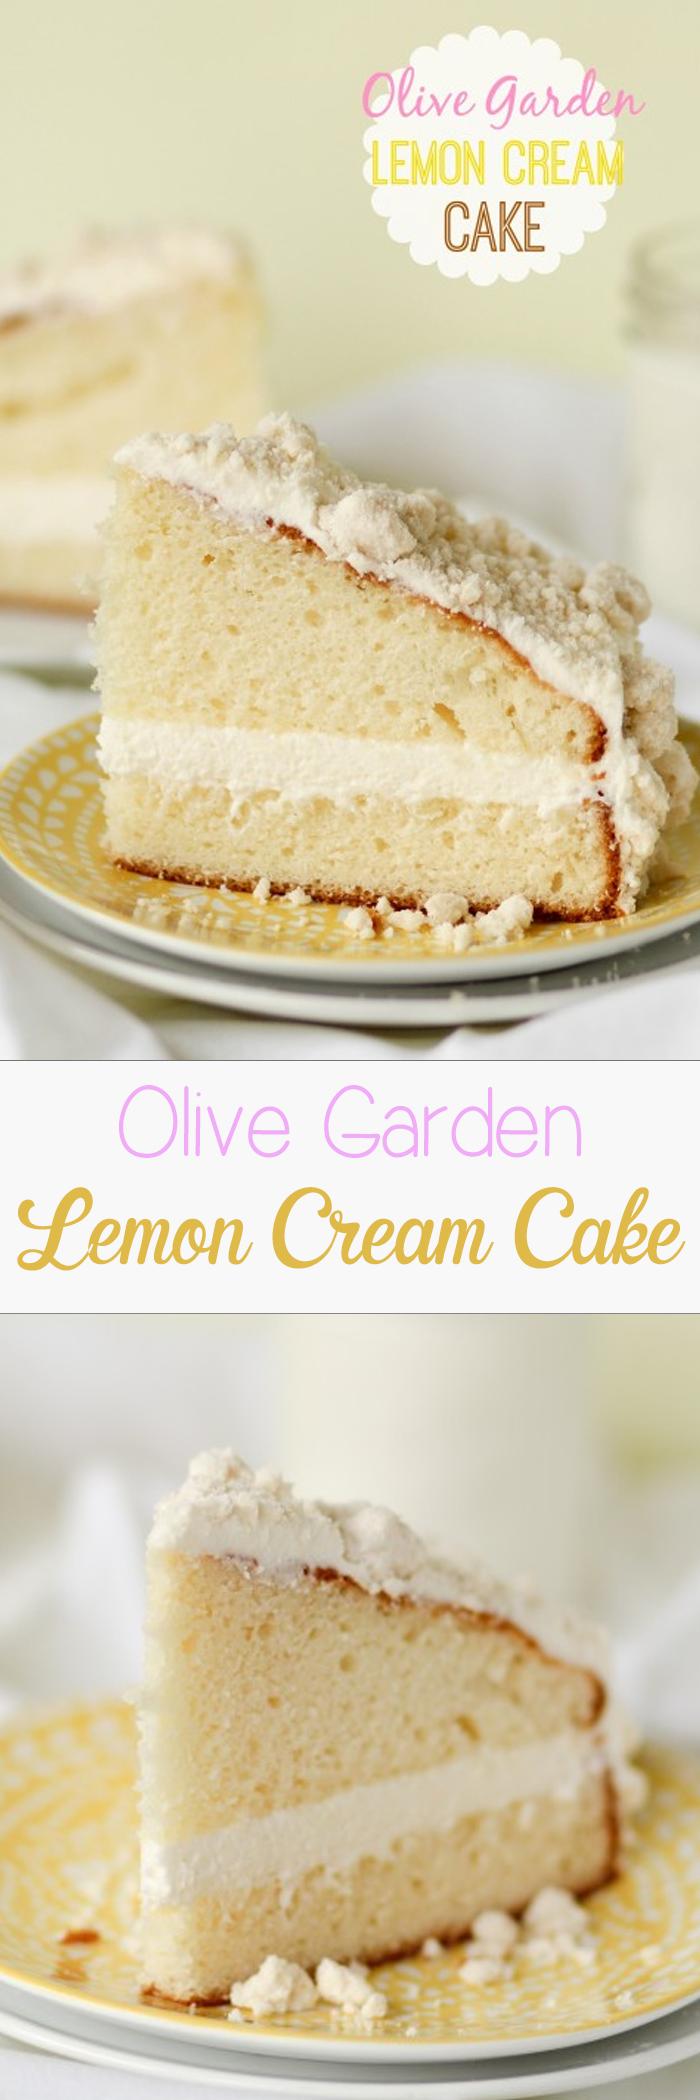 Olive garden lemon cream cake this literally tastes - Olive garden lemon cream cake recipe ...